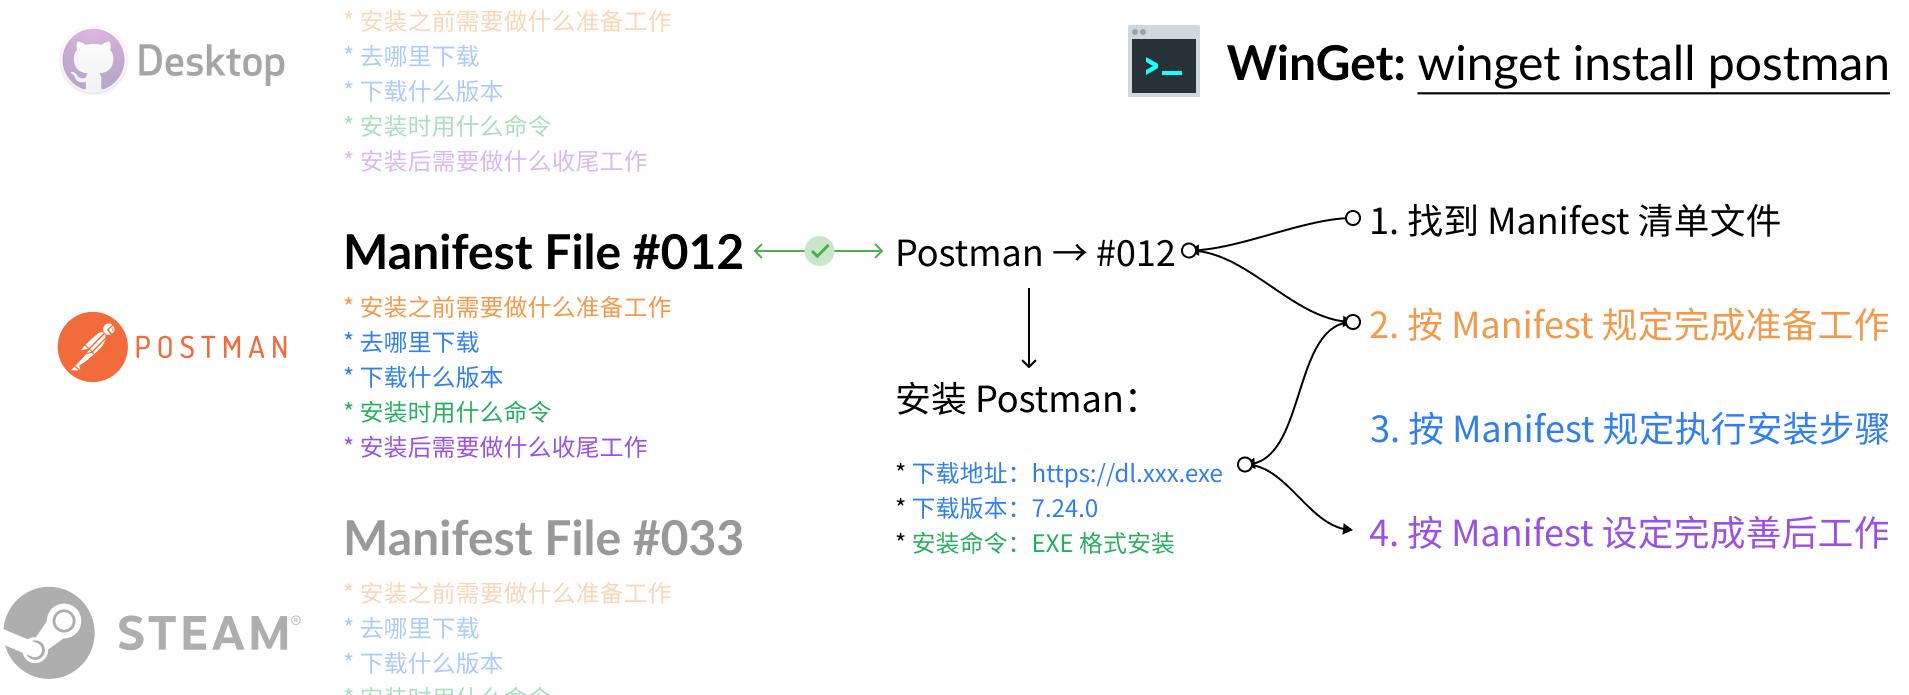 WinGet 安装软件的工作原理